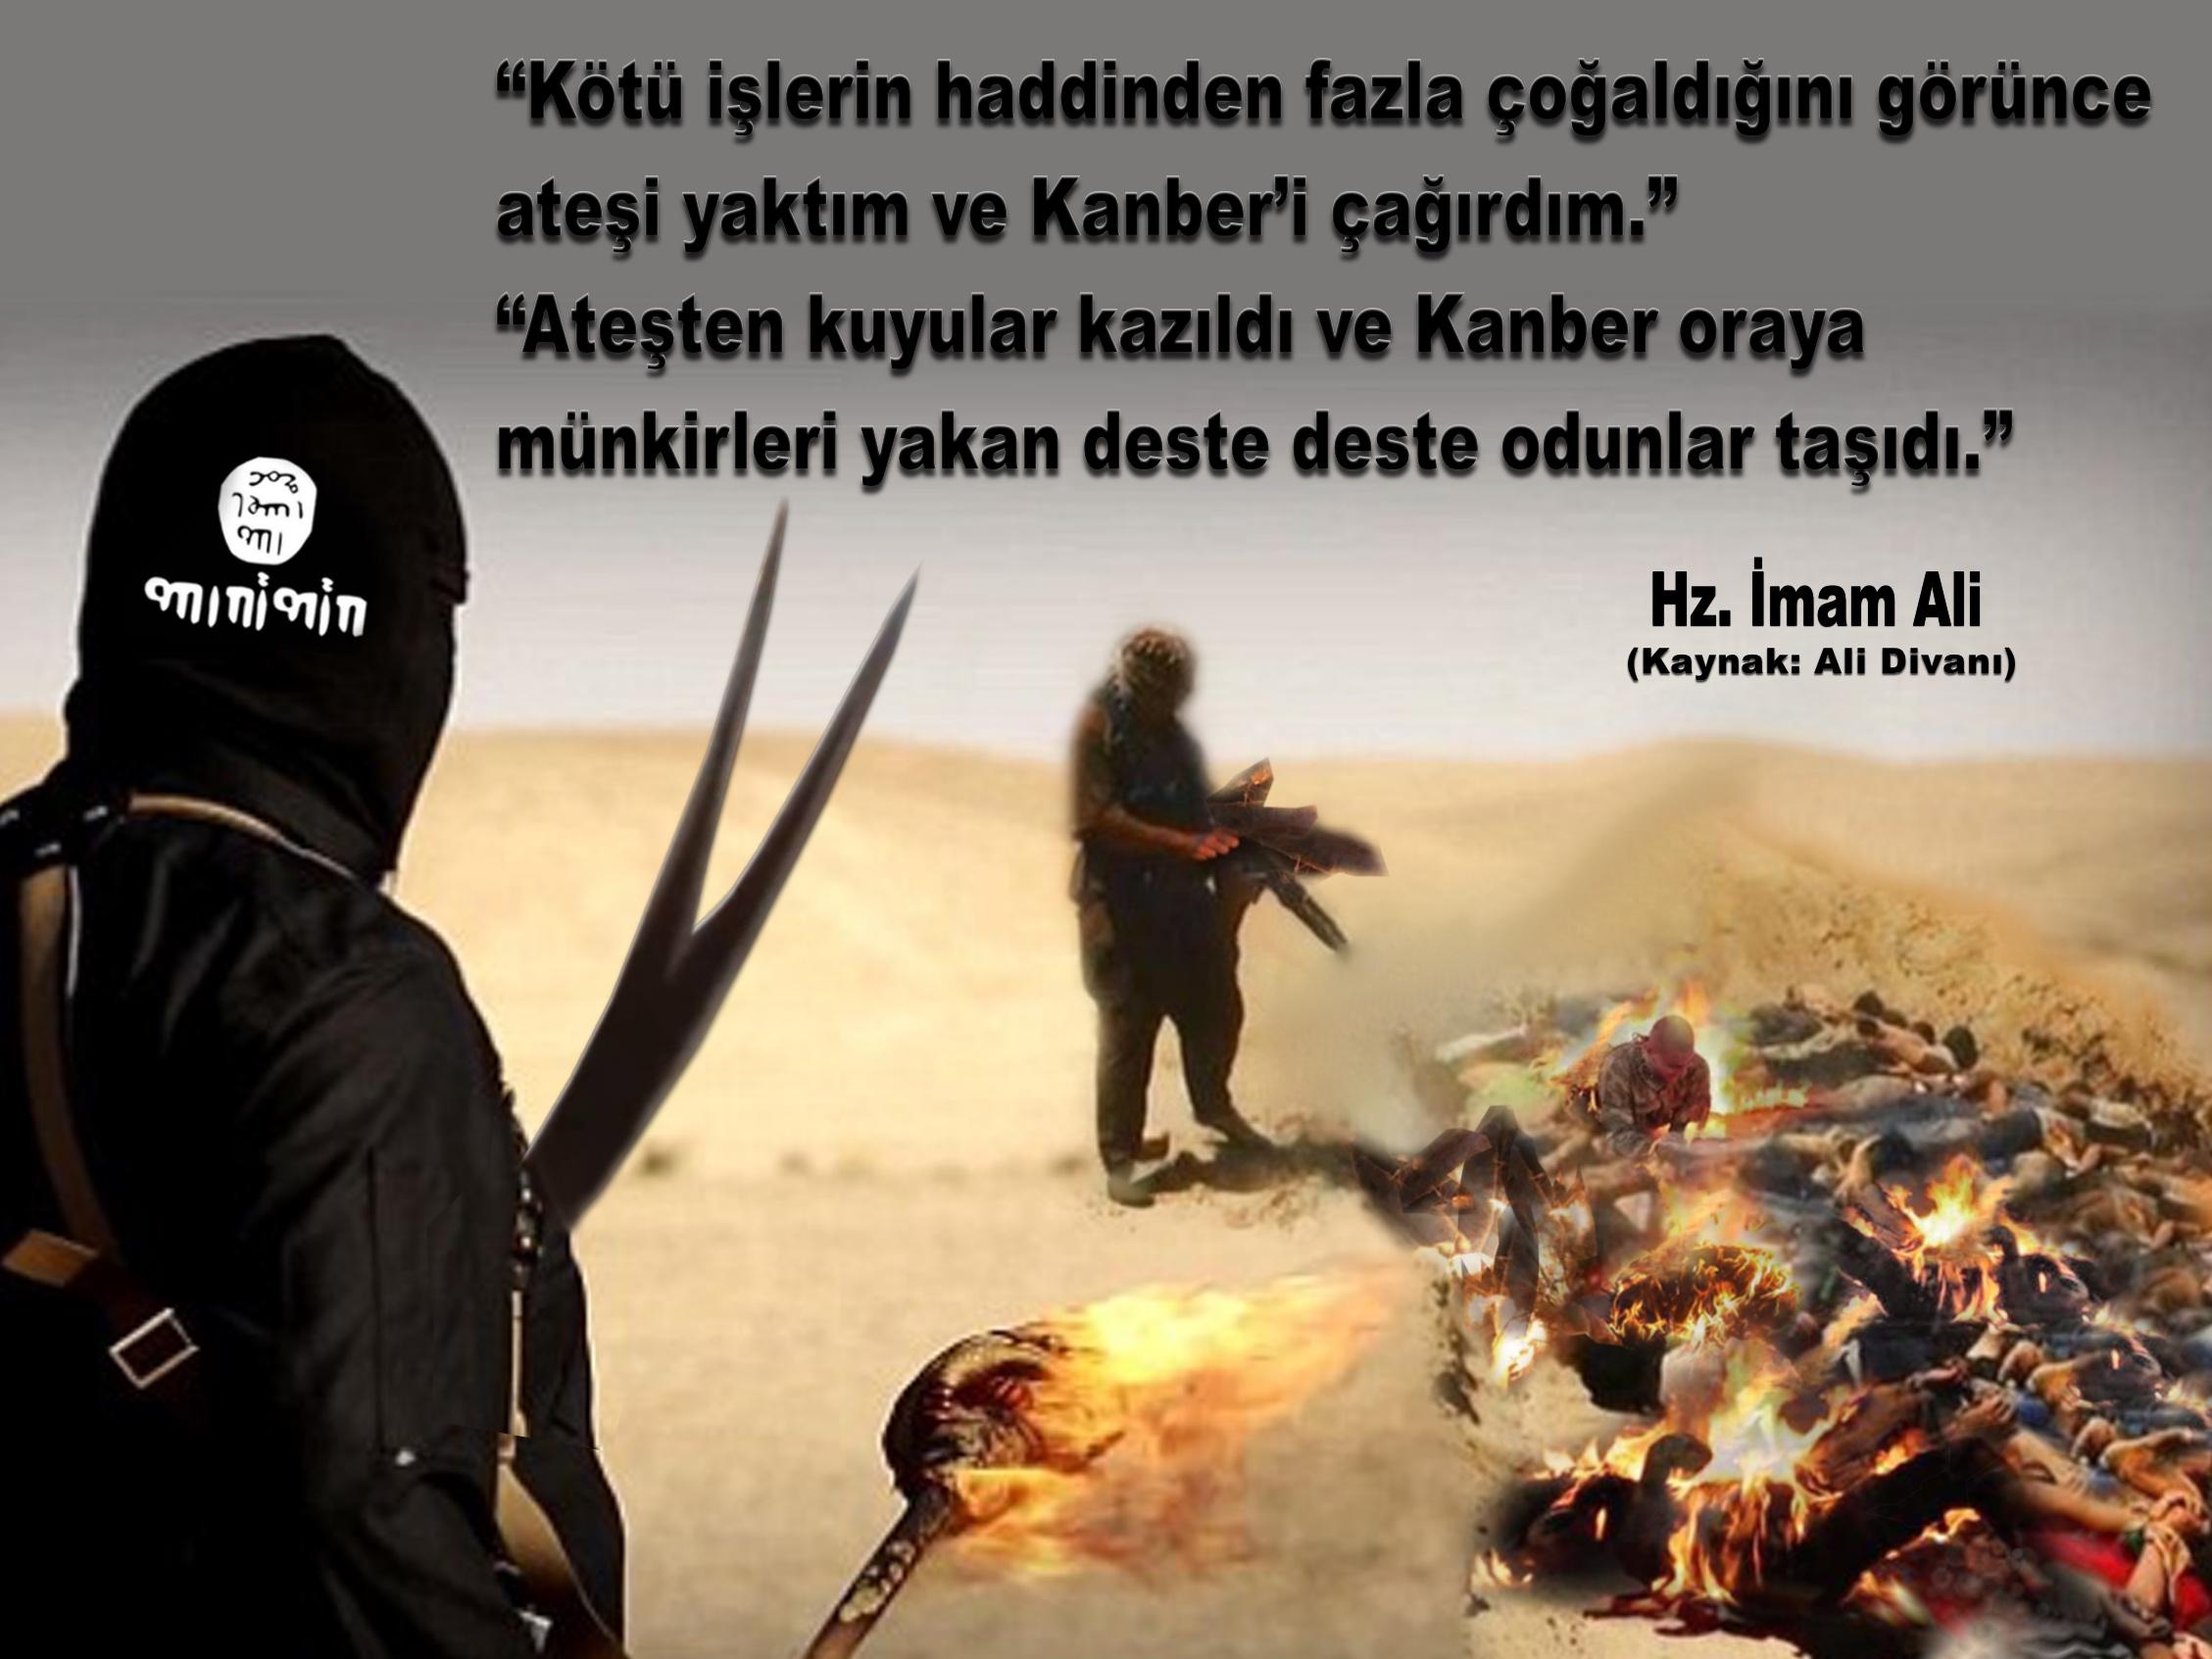 Devrimci Aleviler Birliği DAB Alevi Kızılbaş Bektaşi pir sultan cem hz Ali 12 imam semah Feramuz Şah Acar isid imam hz. ali copy 2222